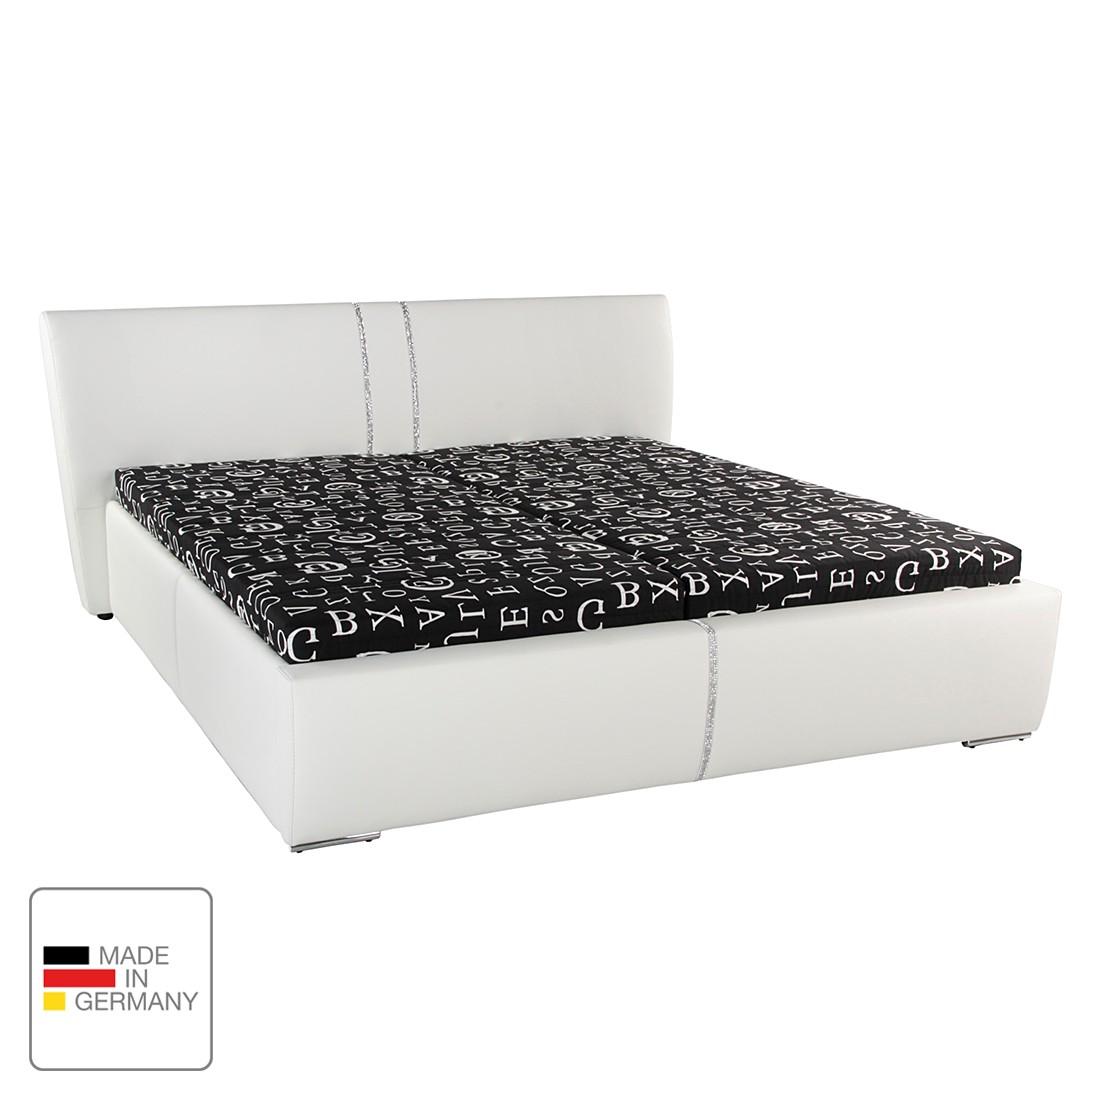 matelas mousse ikea large choix de matelas. Black Bedroom Furniture Sets. Home Design Ideas